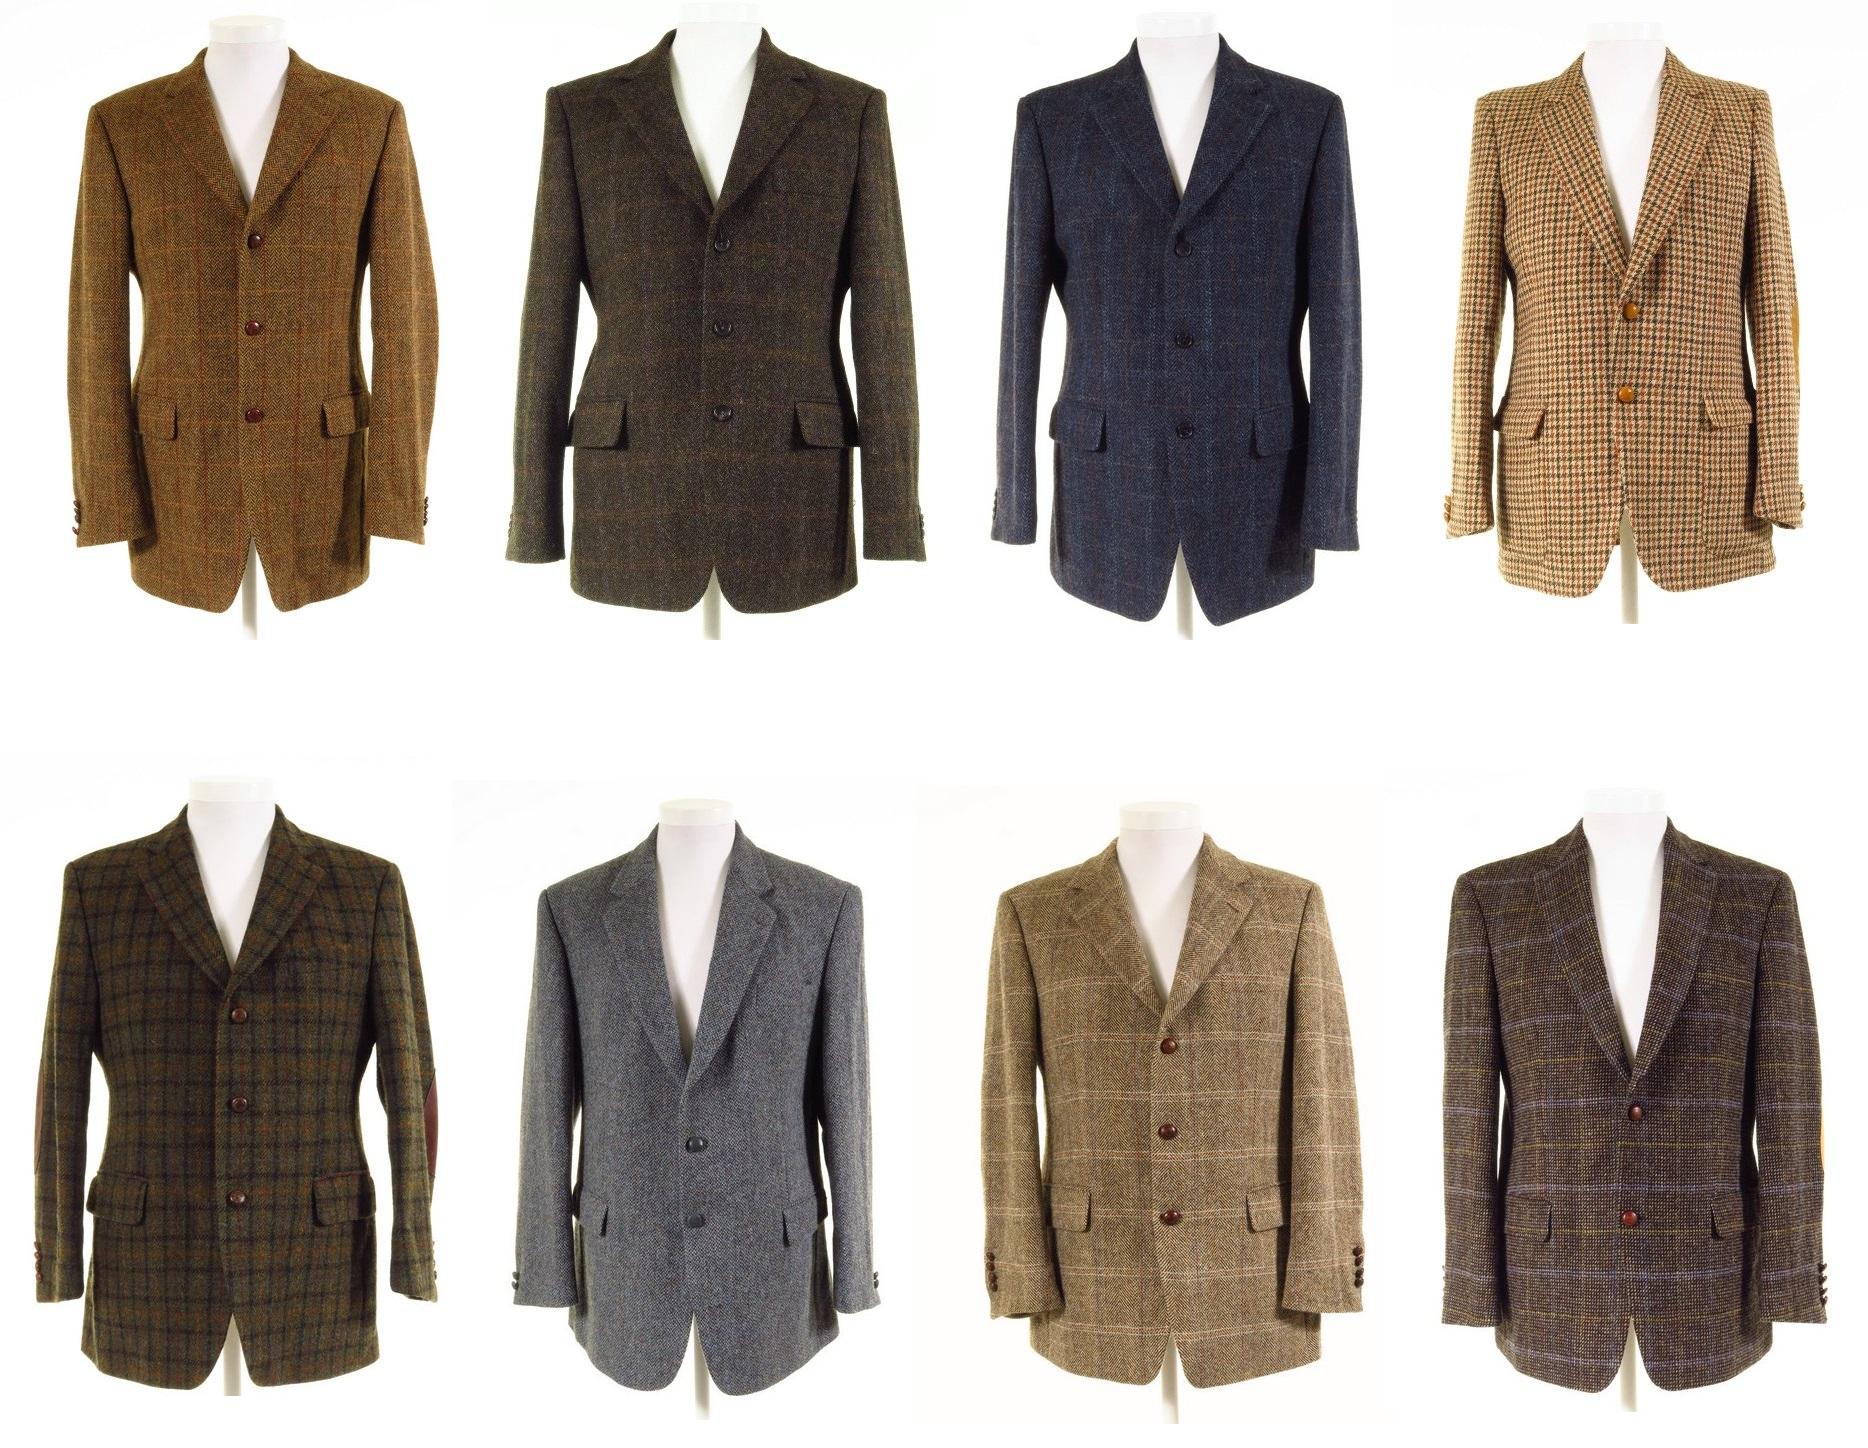 Harris Tweed Jacket for Sale UK